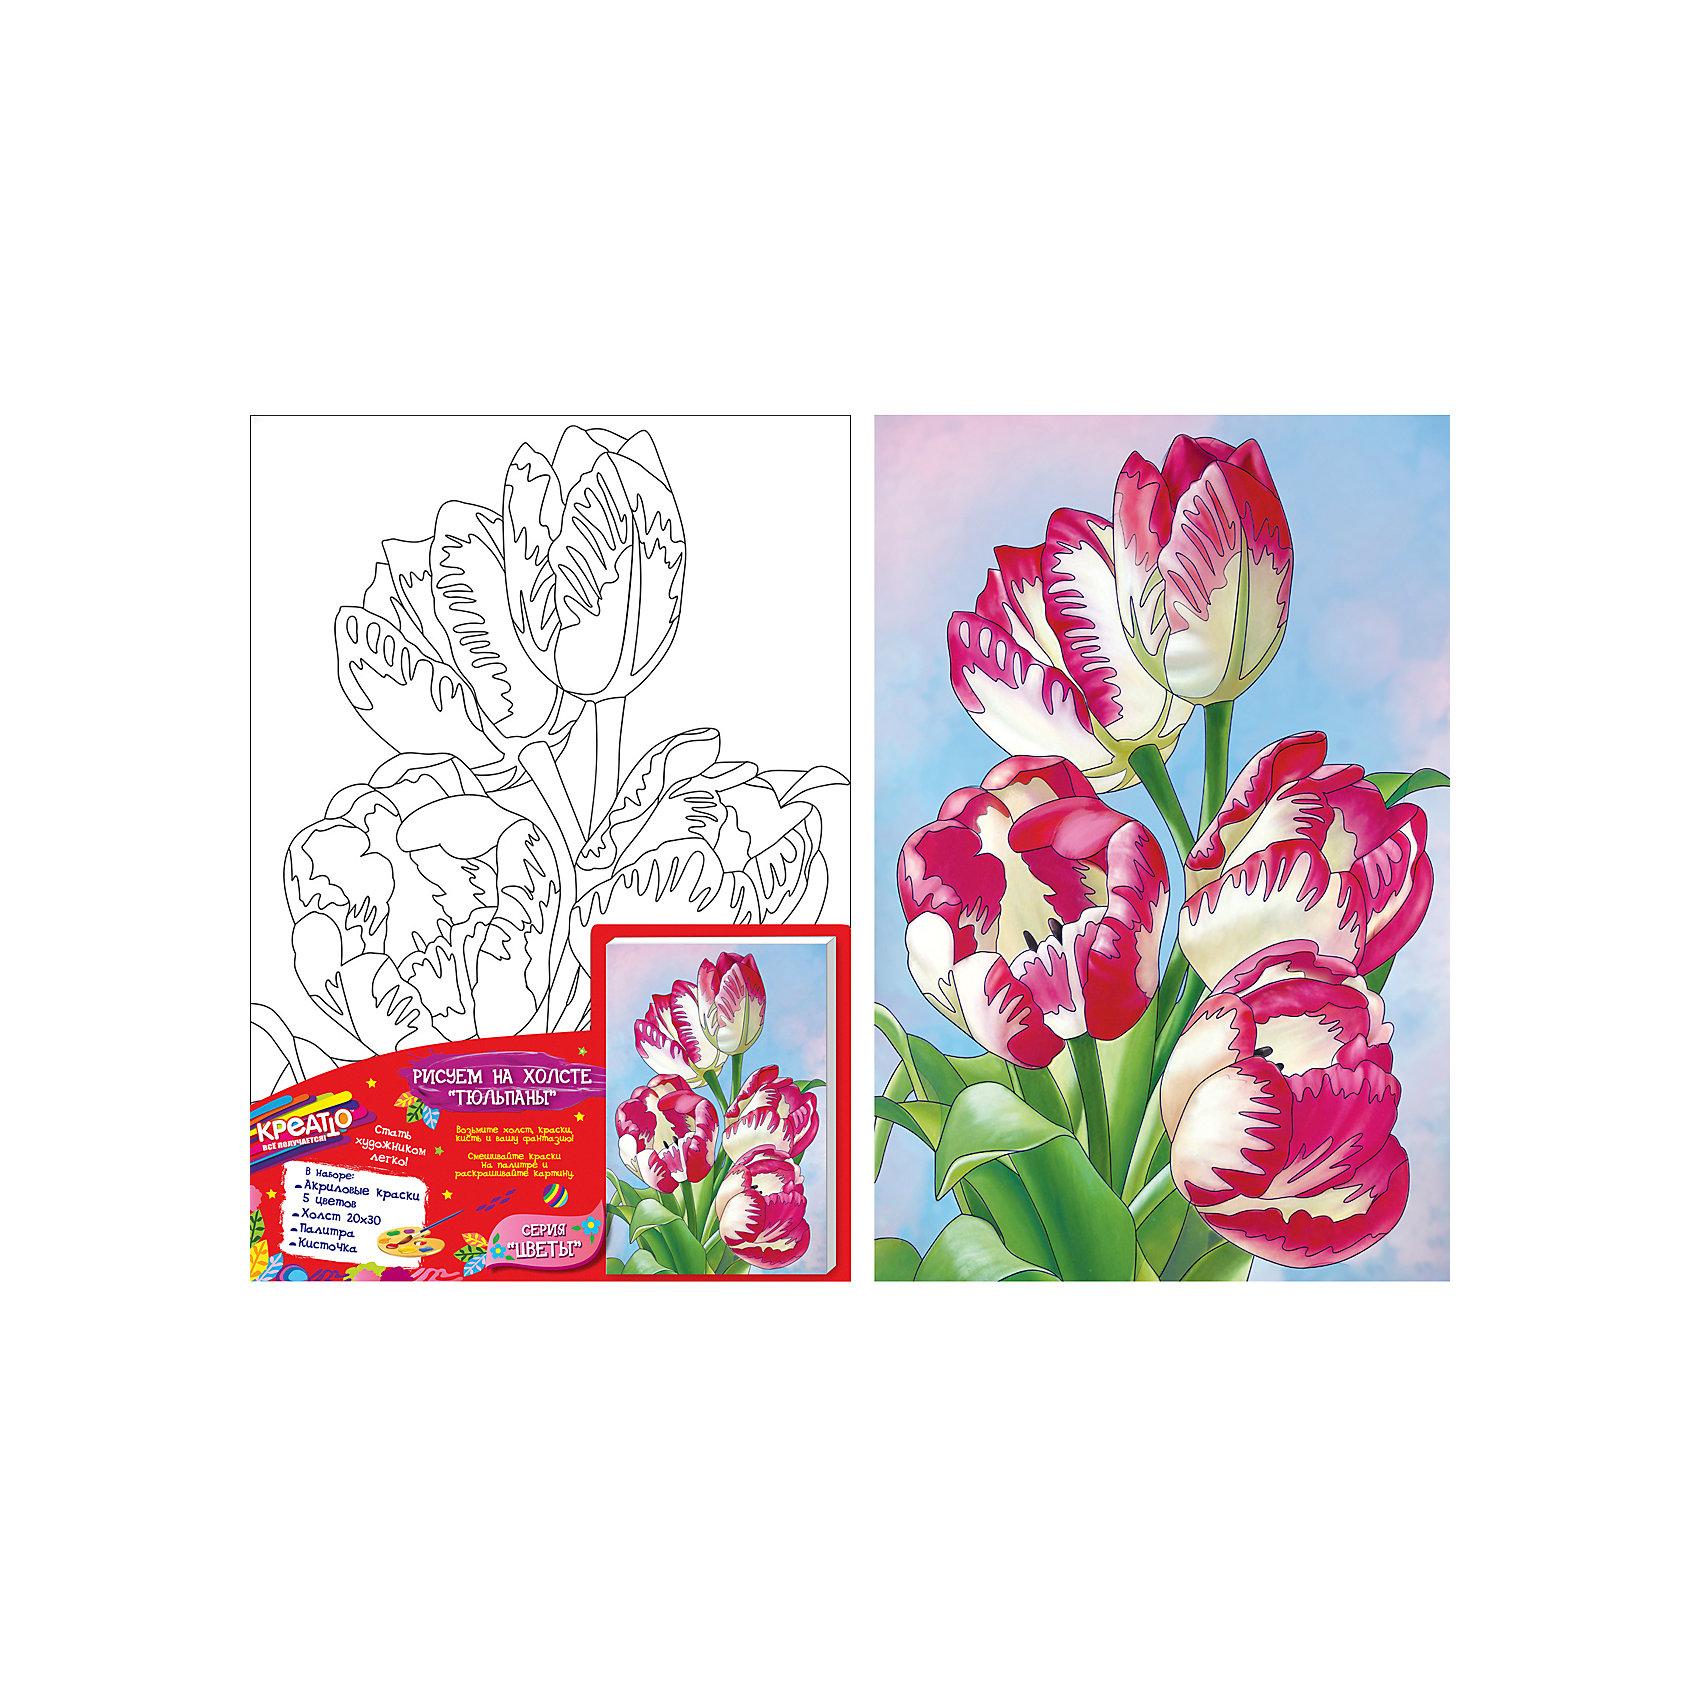 Роспись по холсту ТЮЛЬПАНЫ,20Х30СМРаскраски по номерам<br>Добро пожаловать в мир КРЕАТТО! Предложите ребенку создать на холсте красивую картину «Тюльпаны» из серии «Цветы». В наборе есть все необходимое. Выдавите краску из тюбиков на палитру, при желании смешайте цвета, получив новые оттенки, или разбавьте краски водой для придания им прозрачности. Если ошиблись, то просто закрасьте фрагмент новым цветом поверх подсохшей краски. Акриловые краски легко ложатся на холст, быстро сохнут, хорошо растворяются в воде, после высыхания становятся водонепроницаемыми. У юного художника получится яркая картина с очаровательными тюльпанами, которую можно поставить на видное место. А во время работы с холстом у ребенка развивается мелкая моторика, художественный вкус, воображение, умение рисовать и сочетать цвета.&#13;<br>В наборе: плотный отбеленный загрунтованный холст с контурным рисунком, натянутый на деревянную рамку (20х30 см); 5 ярких цветов акриловых красок в металлических тубах; палитра; кисточка. Товар сертифицирован. Срок годности: 3 года.<br><br>Ширина мм: 200<br>Глубина мм: 300<br>Высота мм: 15<br>Вес г: 243<br>Возраст от месяцев: 36<br>Возраст до месяцев: 84<br>Пол: Унисекс<br>Возраст: Детский<br>SKU: 5016383